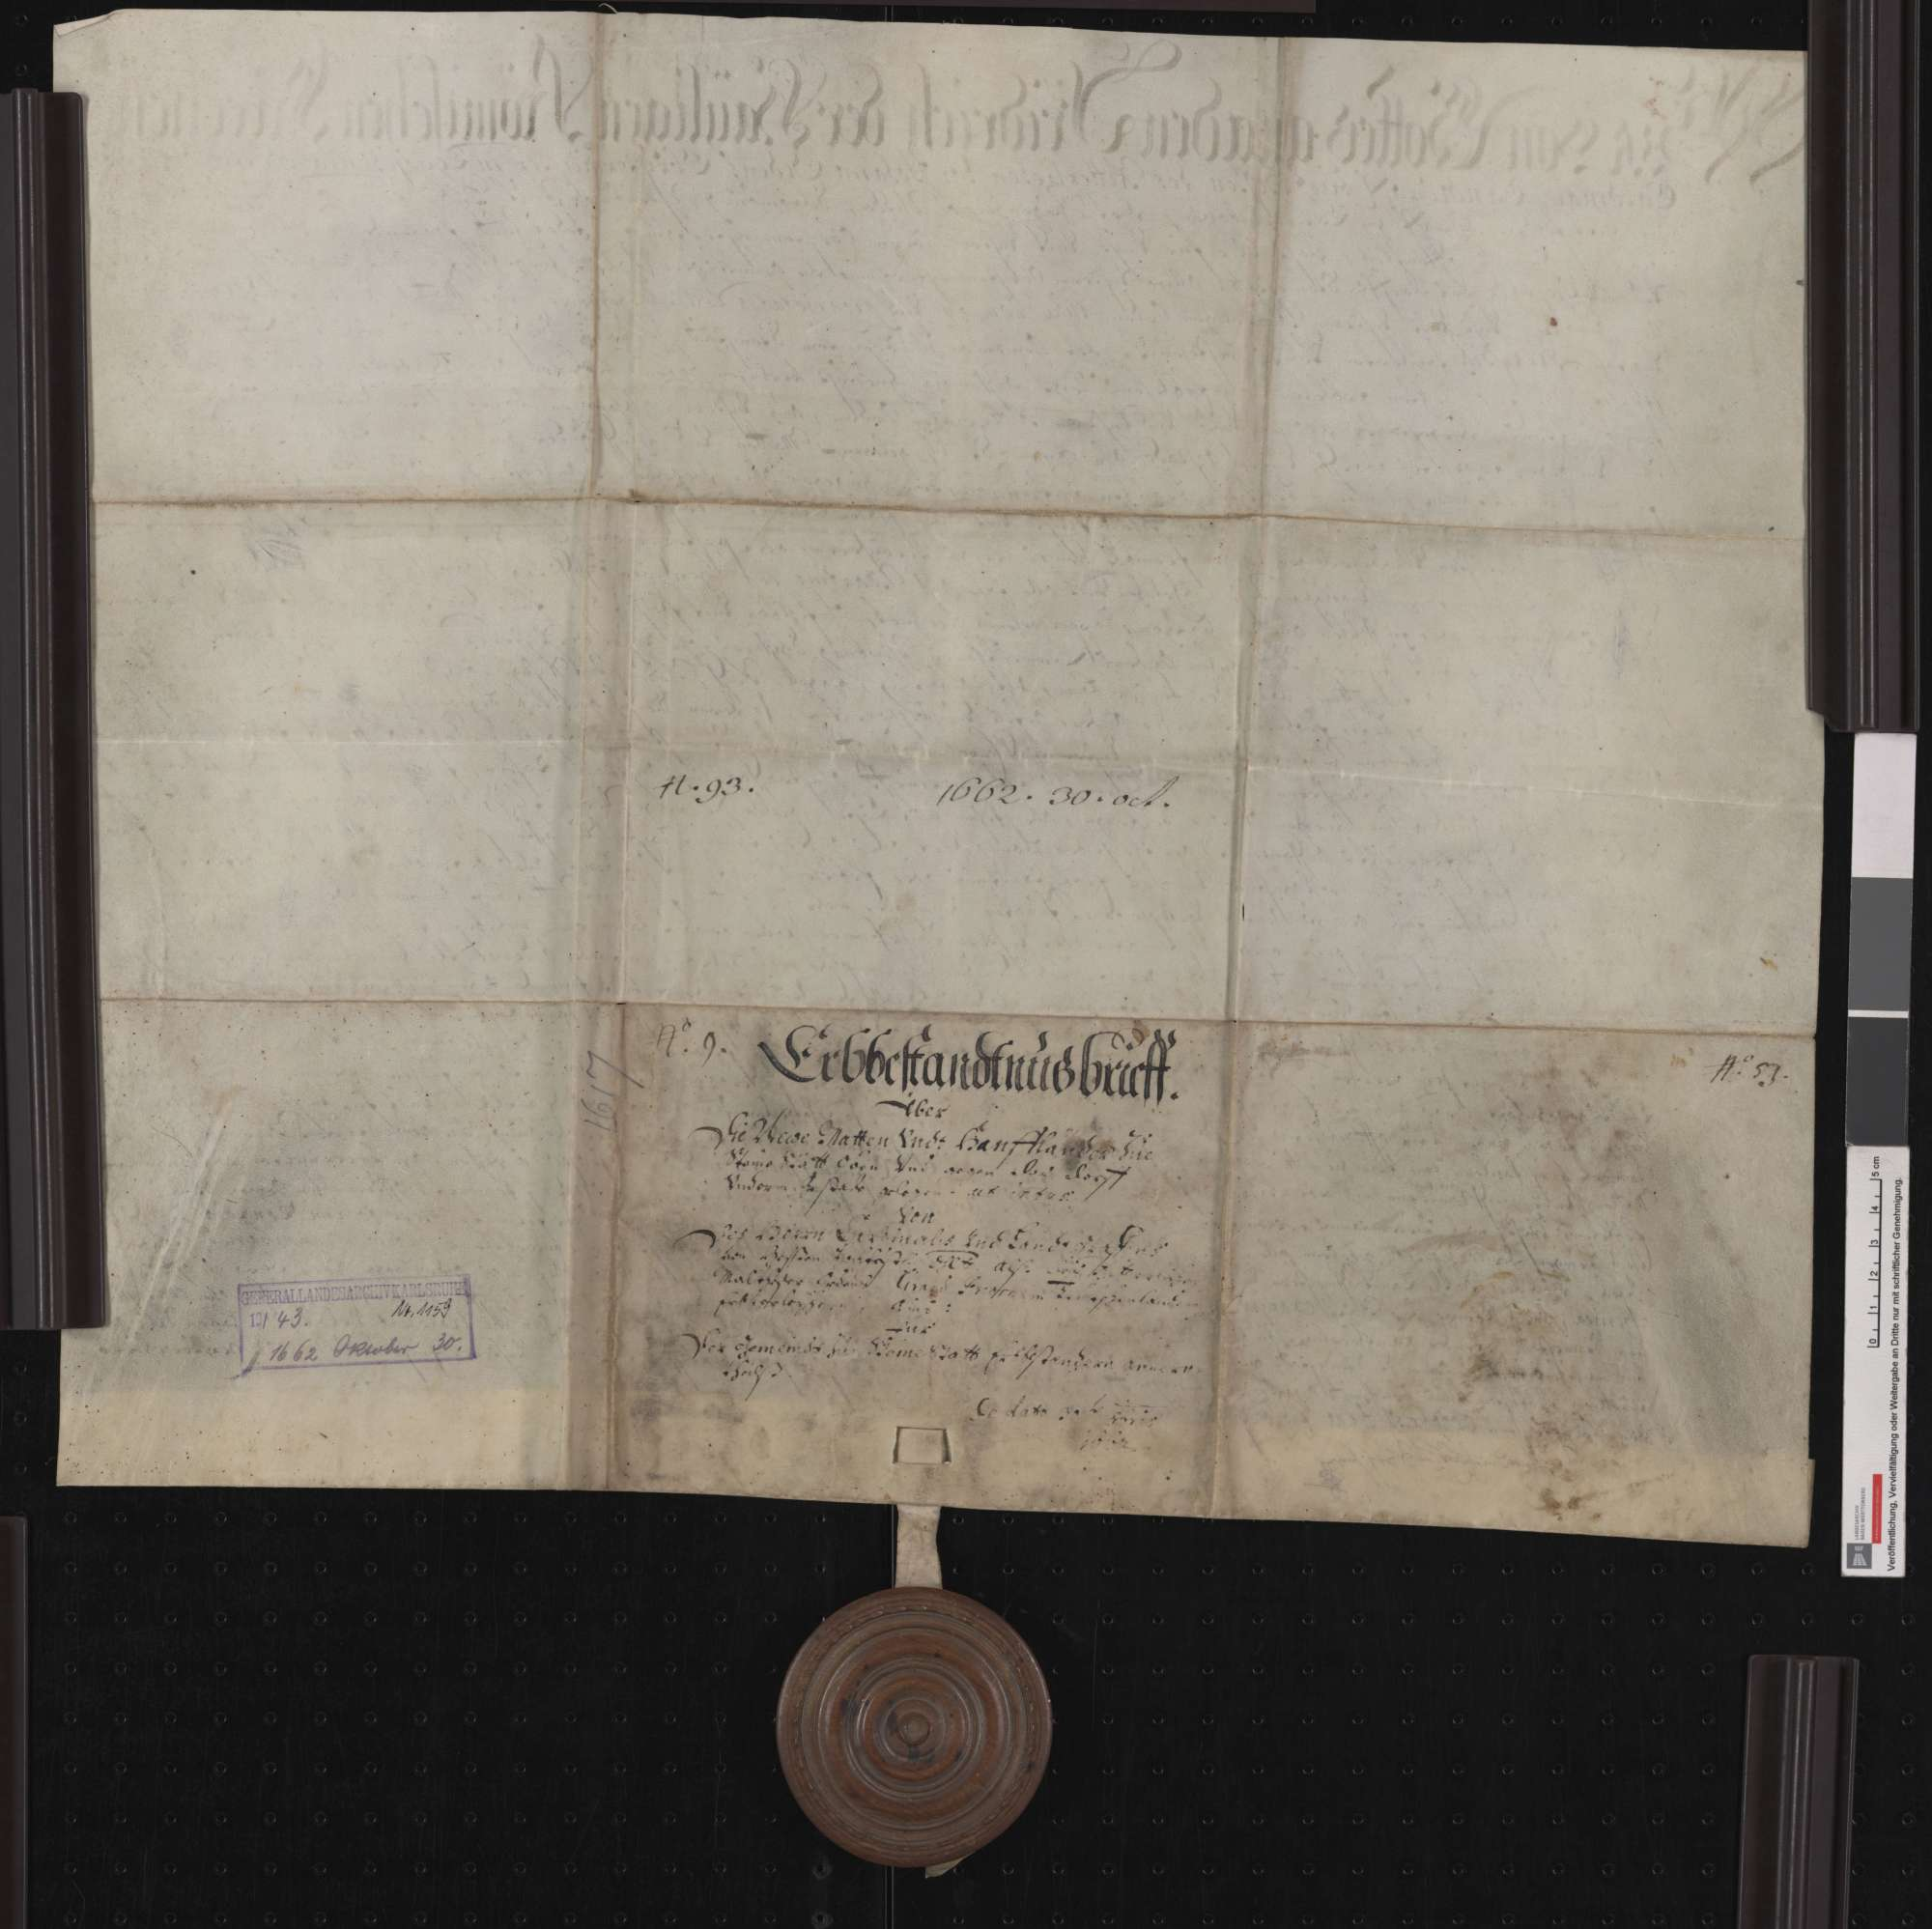 Der Johanniter-Obermeister Friedrich von Hessen belehnt die Gemeinde Steinenstadt mit frisch ausgestockten Matten und mit Hanfland., Bild 2